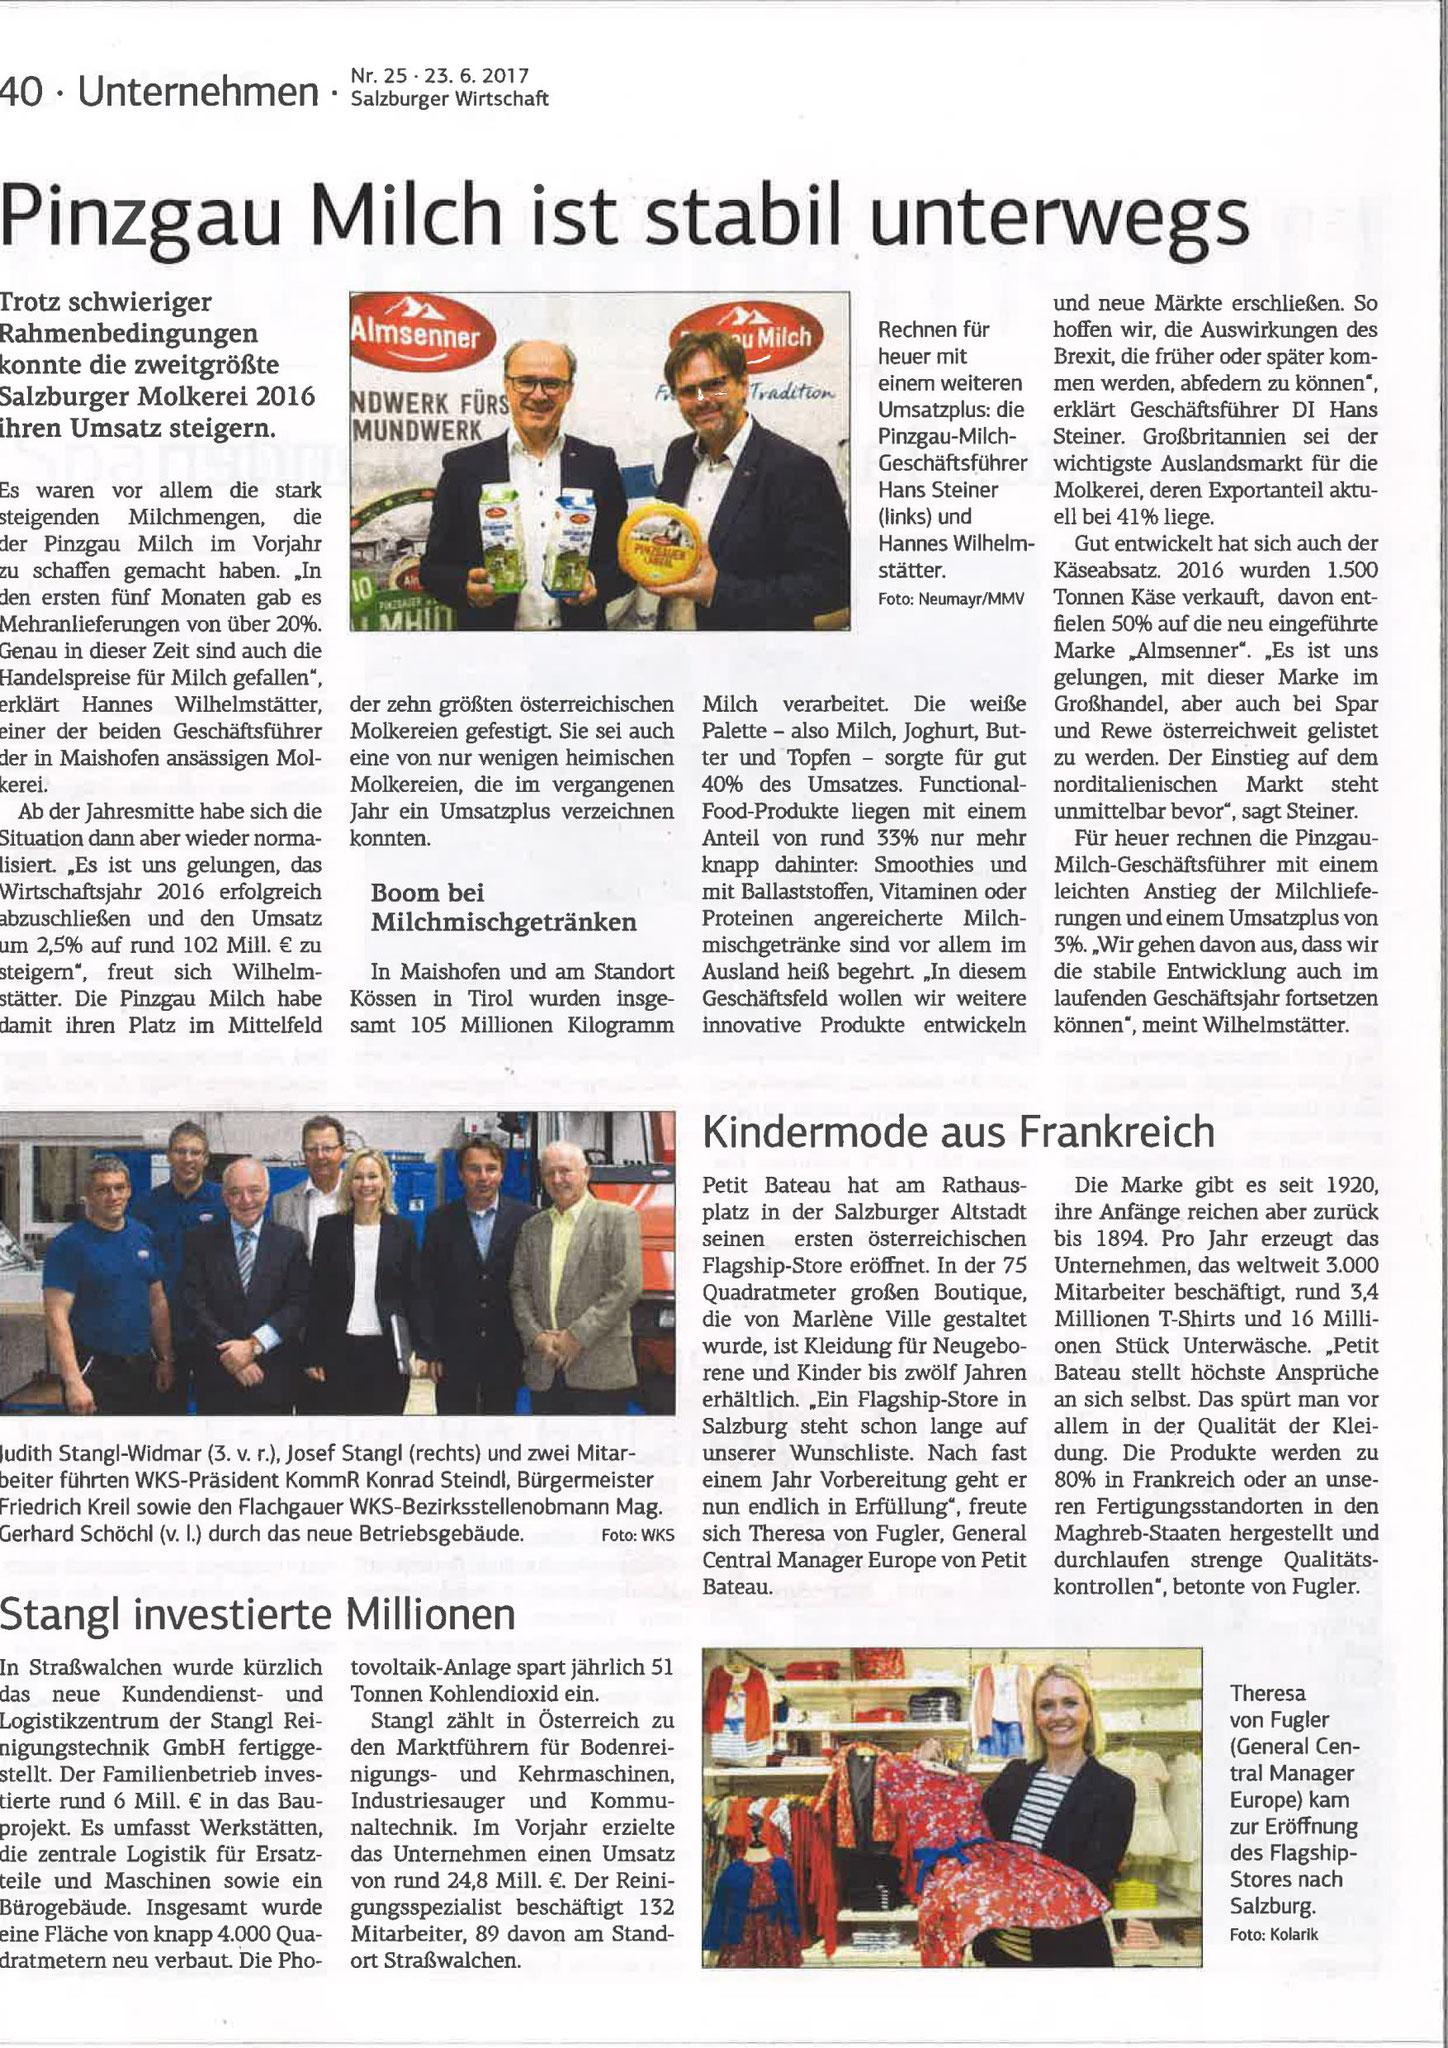 Salzburger Wirtschaft, 23. Juni 2017